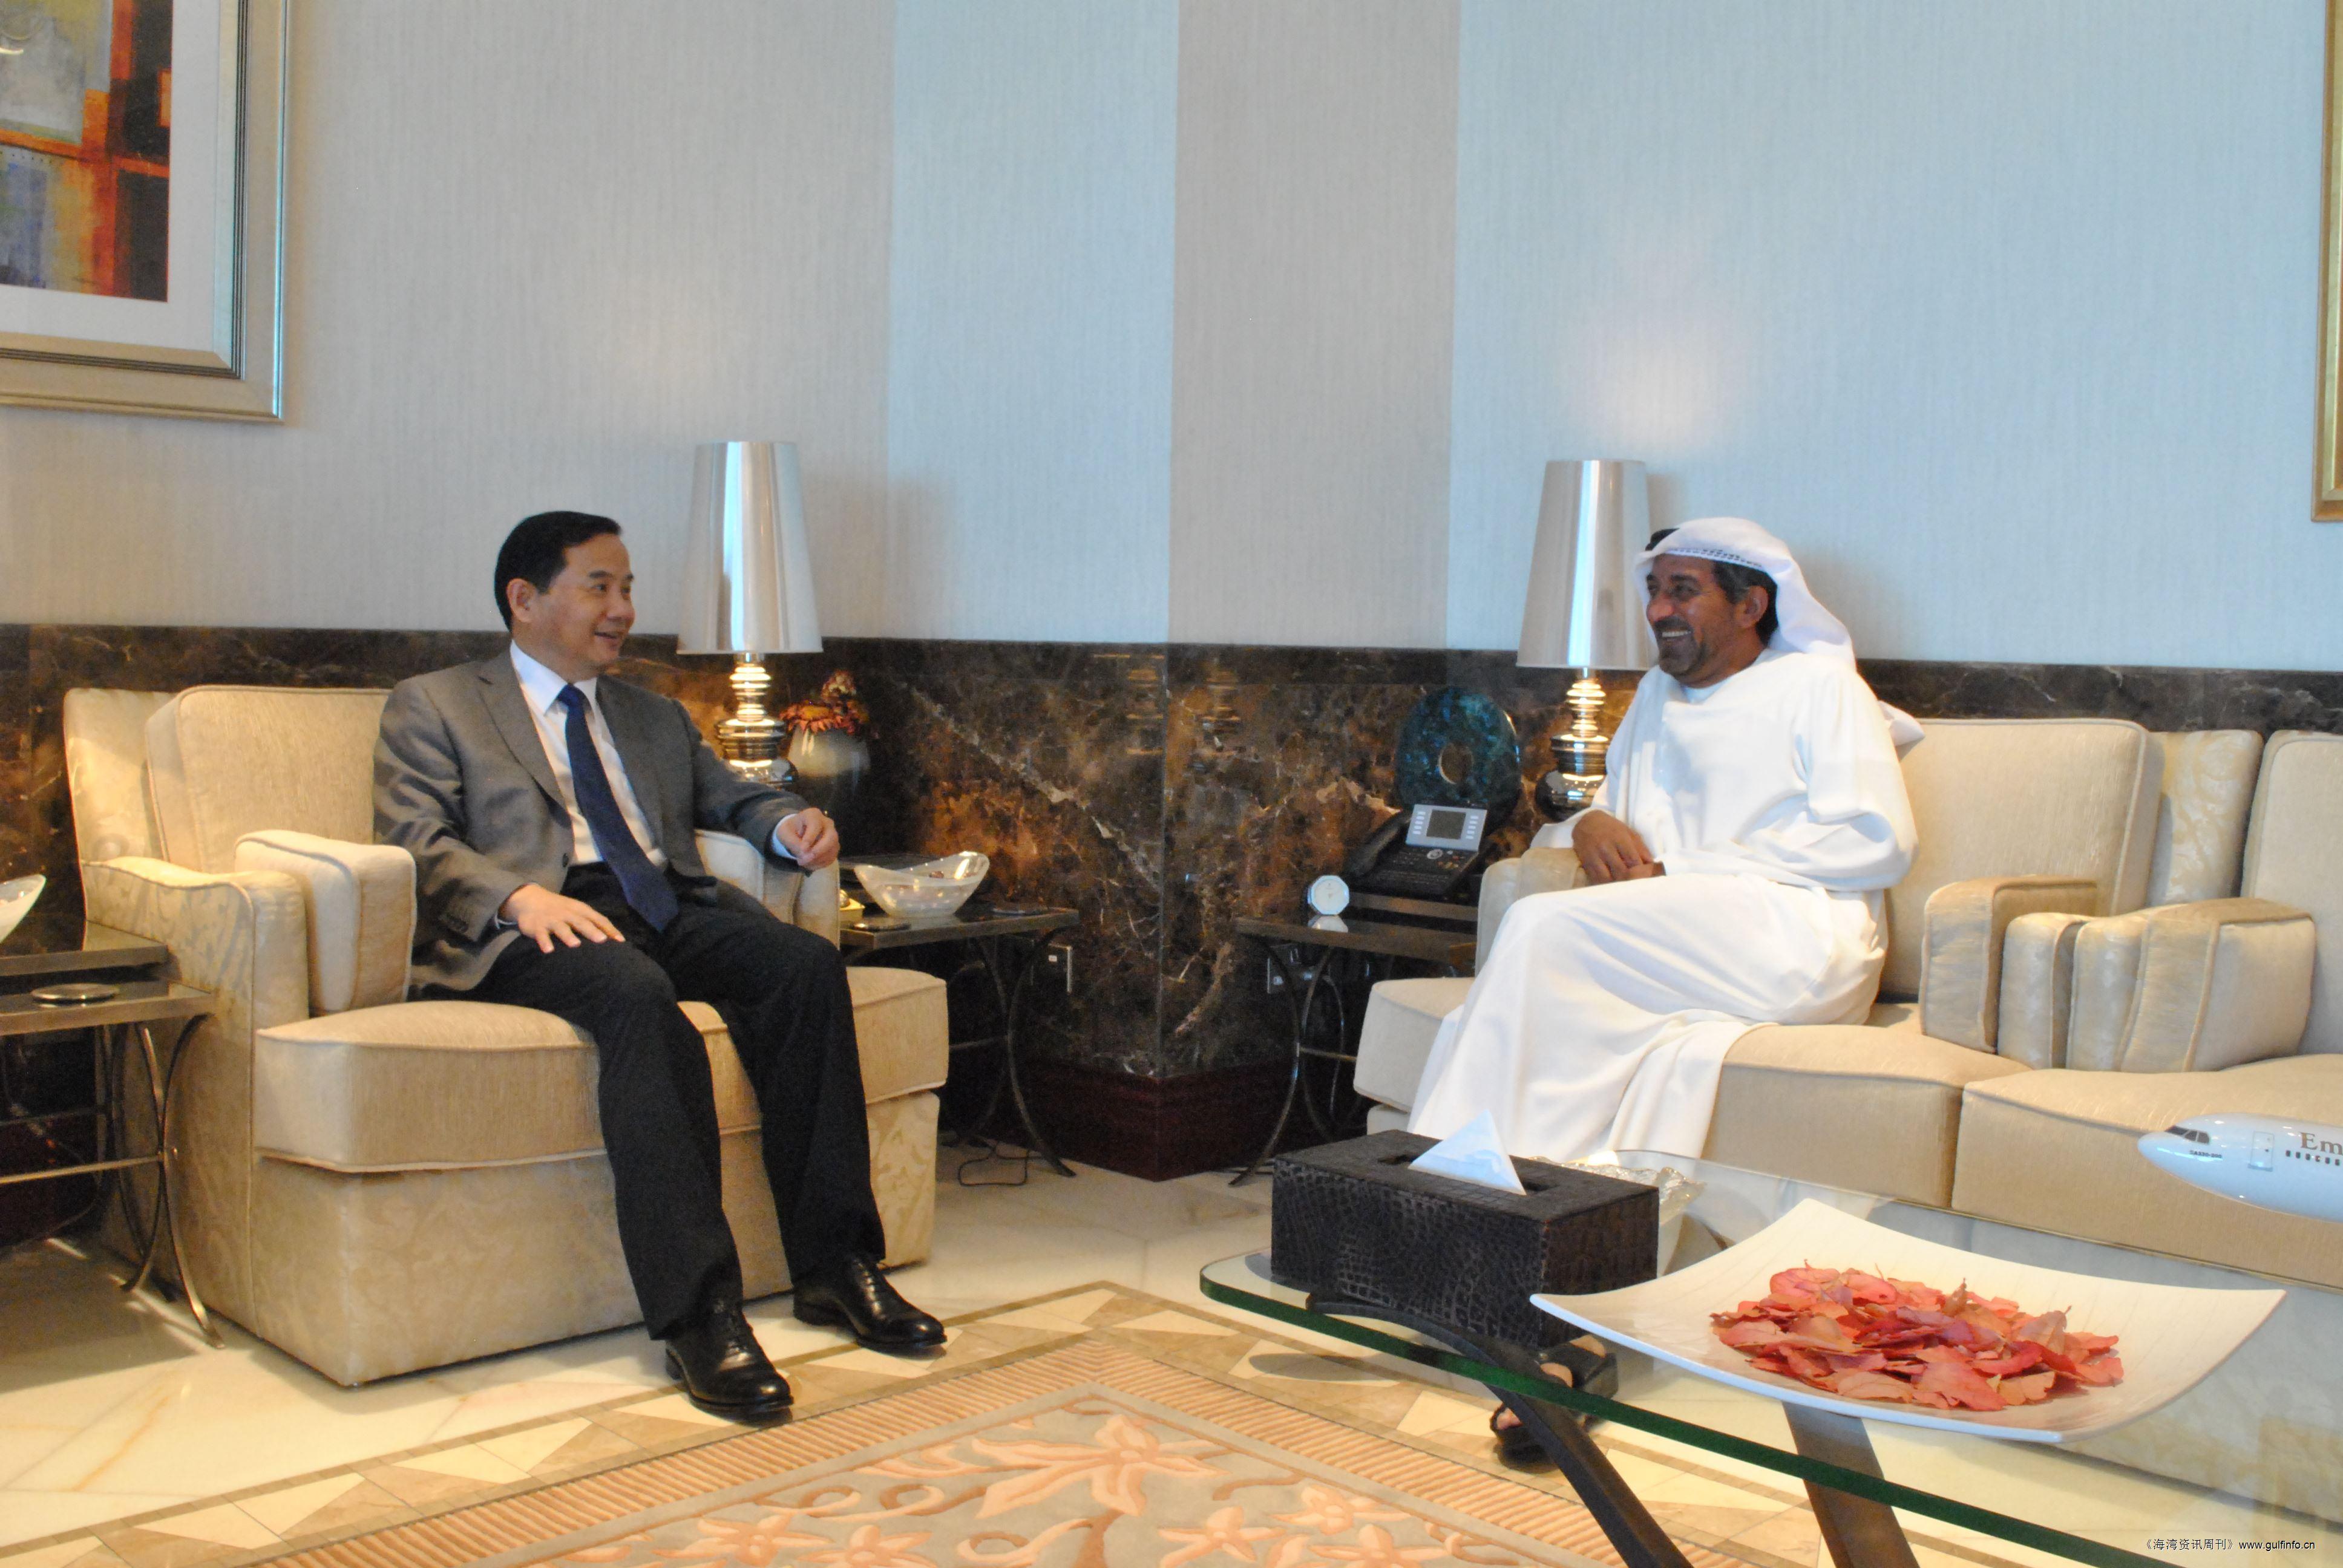 阿联酋 重建丝路促华商发展